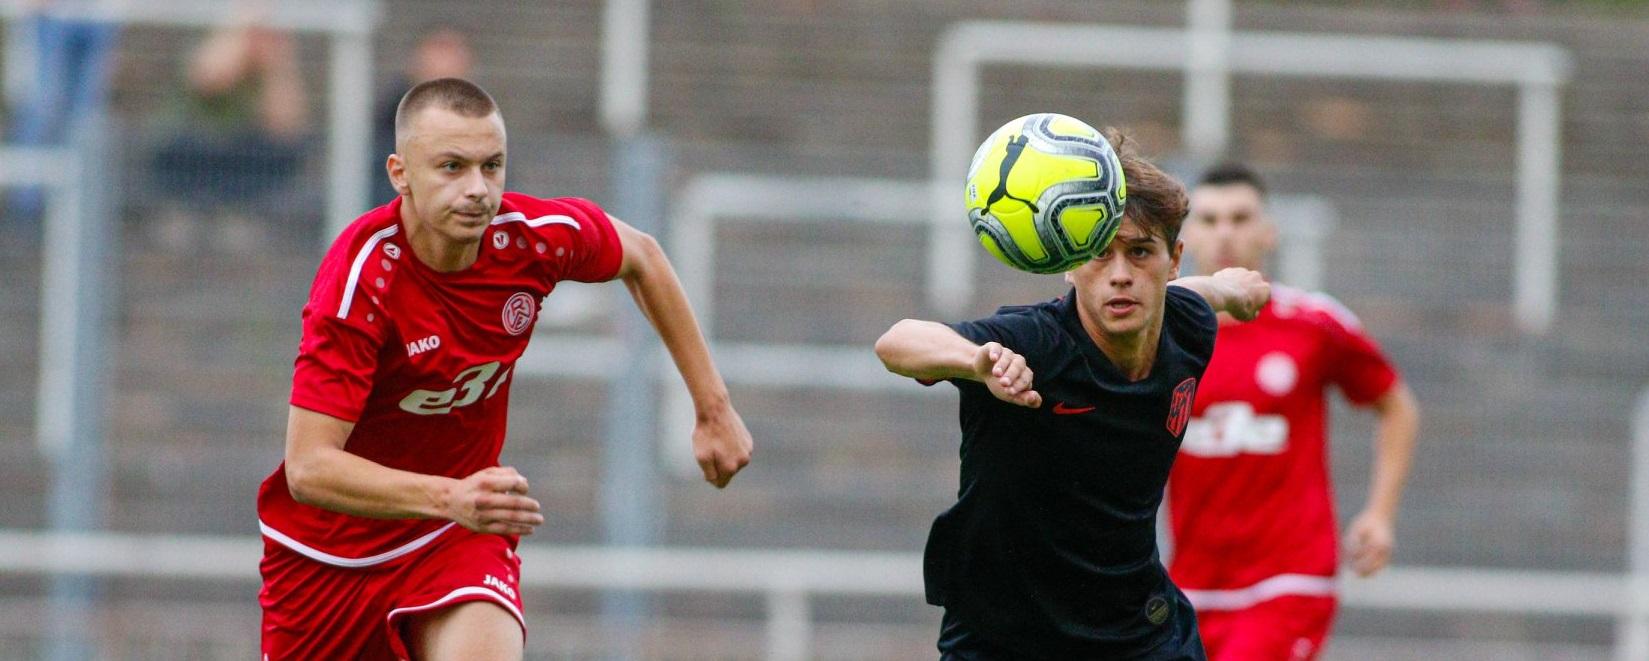 Die rot-weisse U19 trifft am Wochenende auf die SG Unterrath 12/24. (Foto: Breilmannswiese)